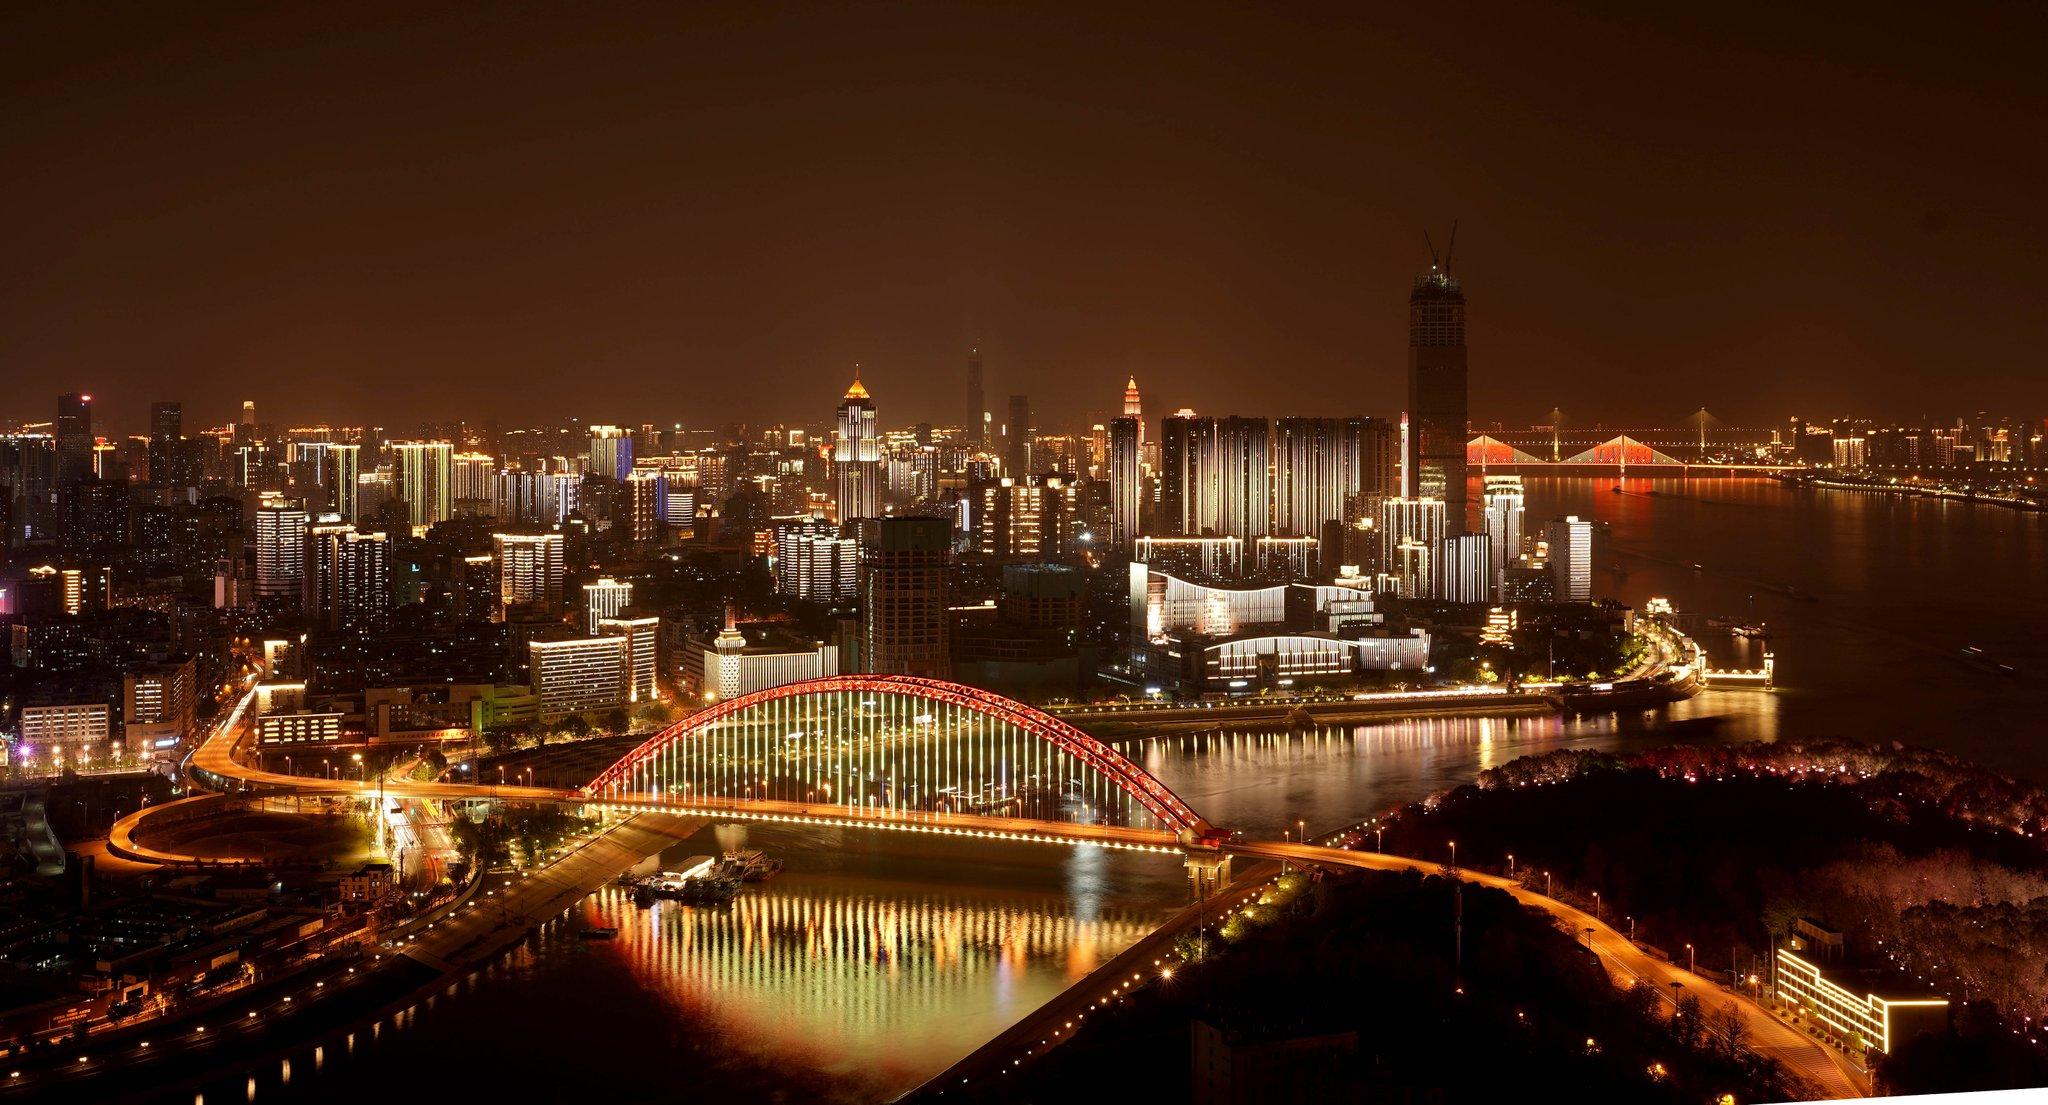 Wuhan celebrará festival de la cerveza y estimulará la economía nocturna